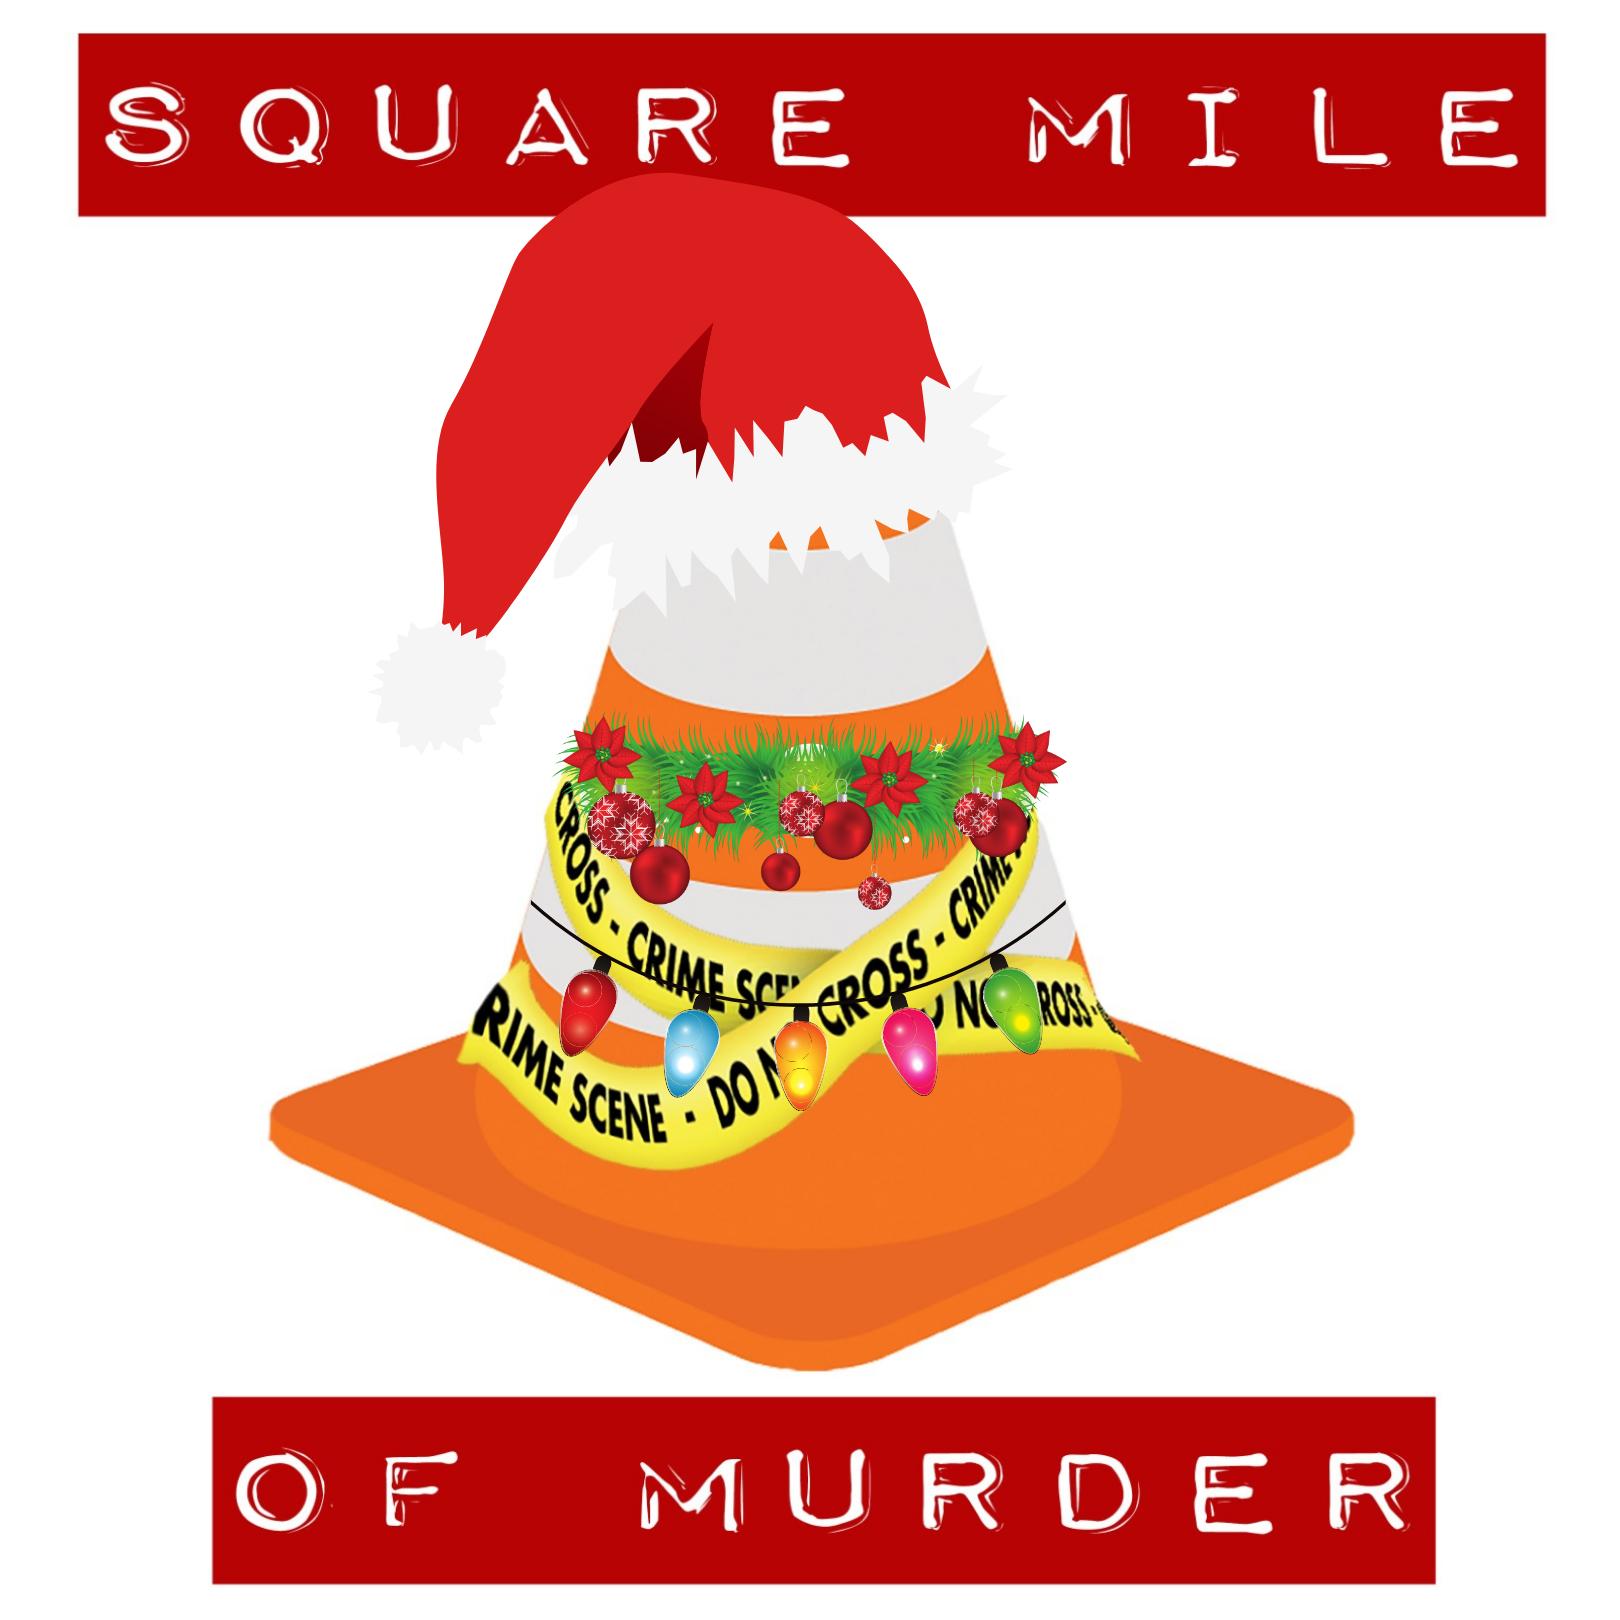 46: The Christmas Criminal